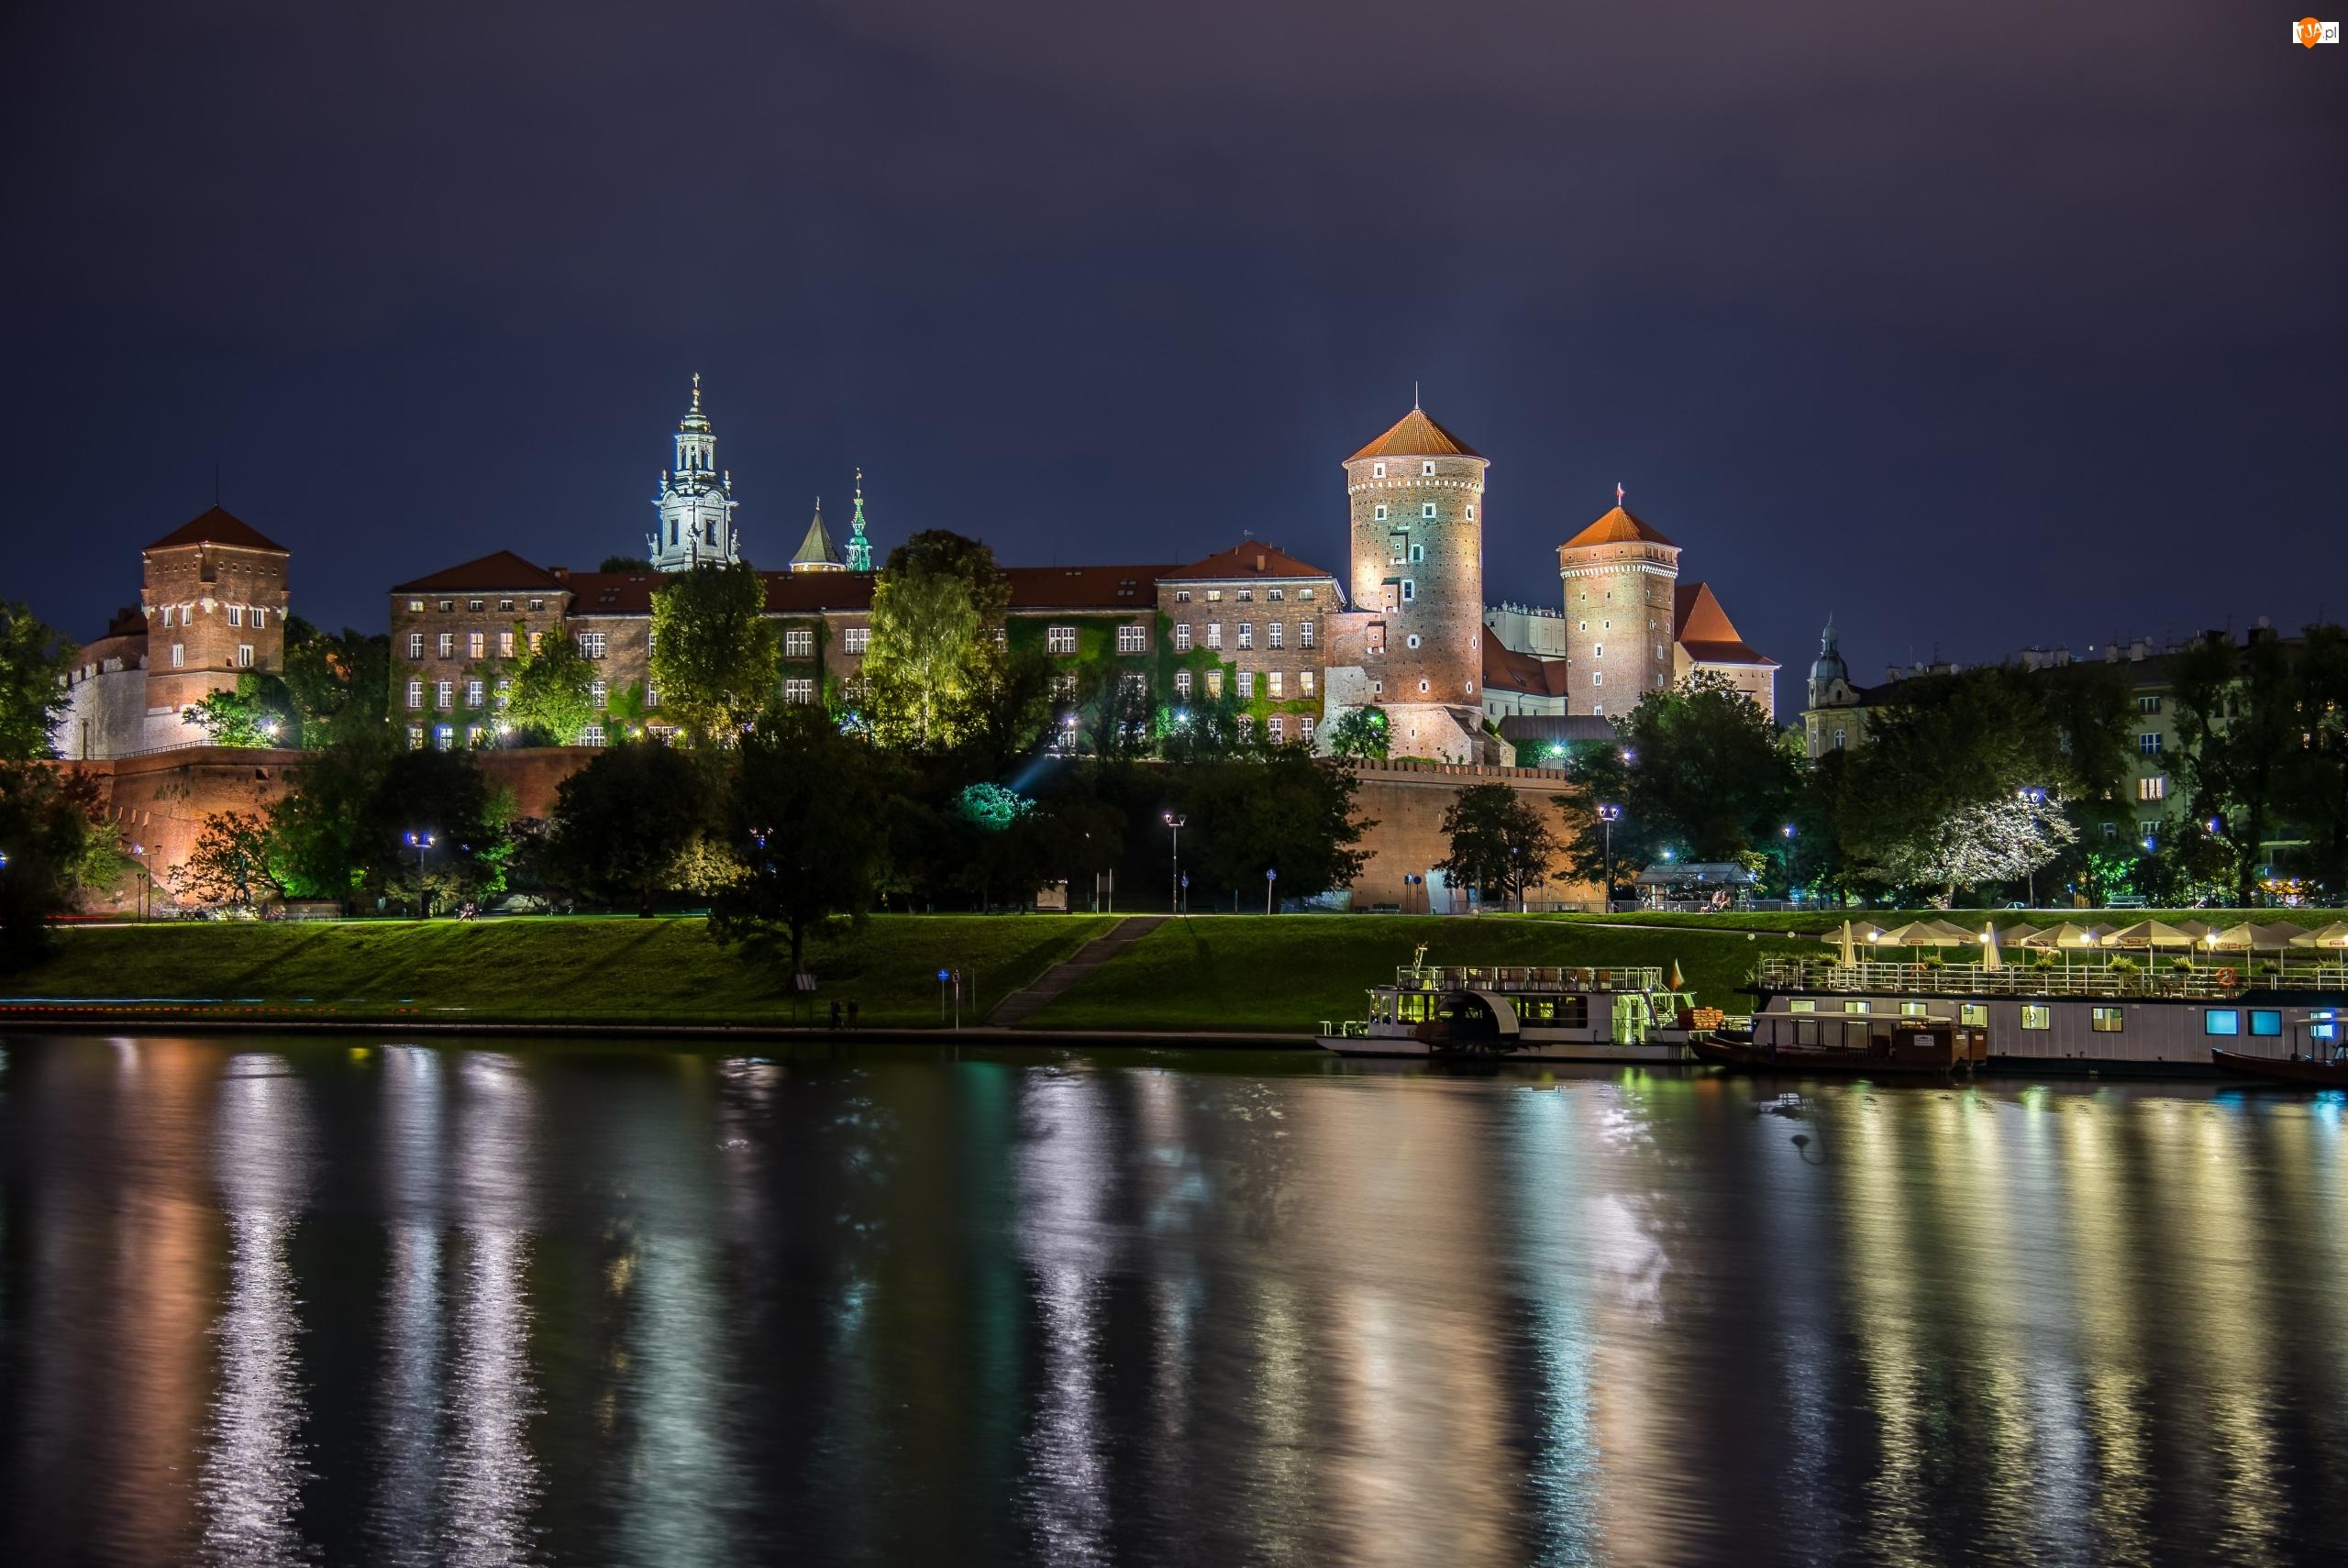 Polska, Rzeka Wisła, Kraków, Zamek Królewski na Wawelu